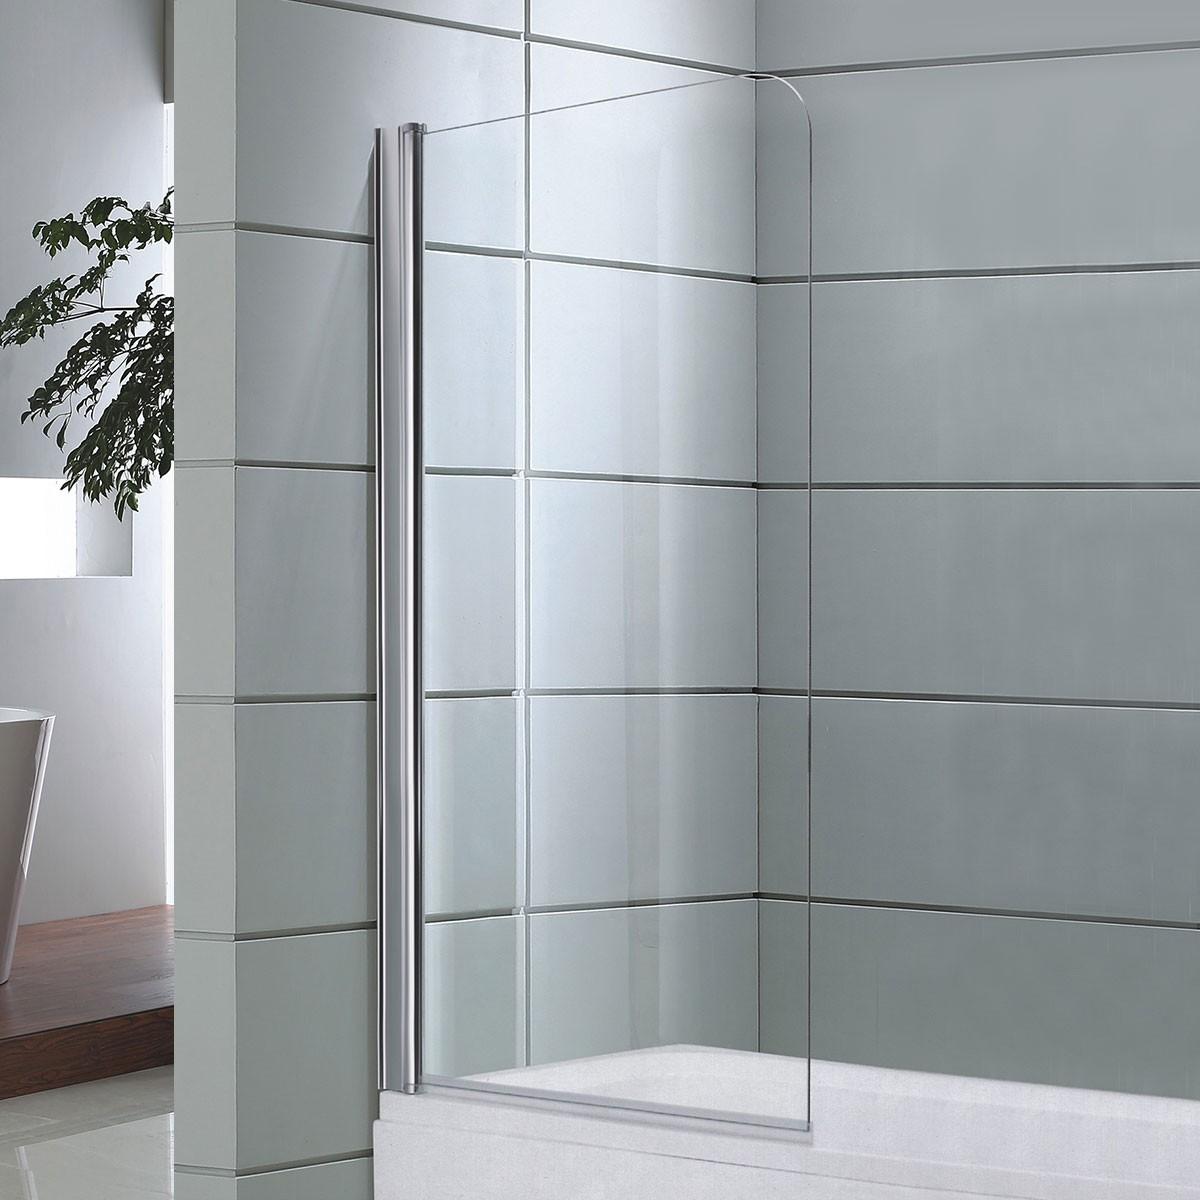 30 In. Bathtub Swivel Panel  (DK-SC021)